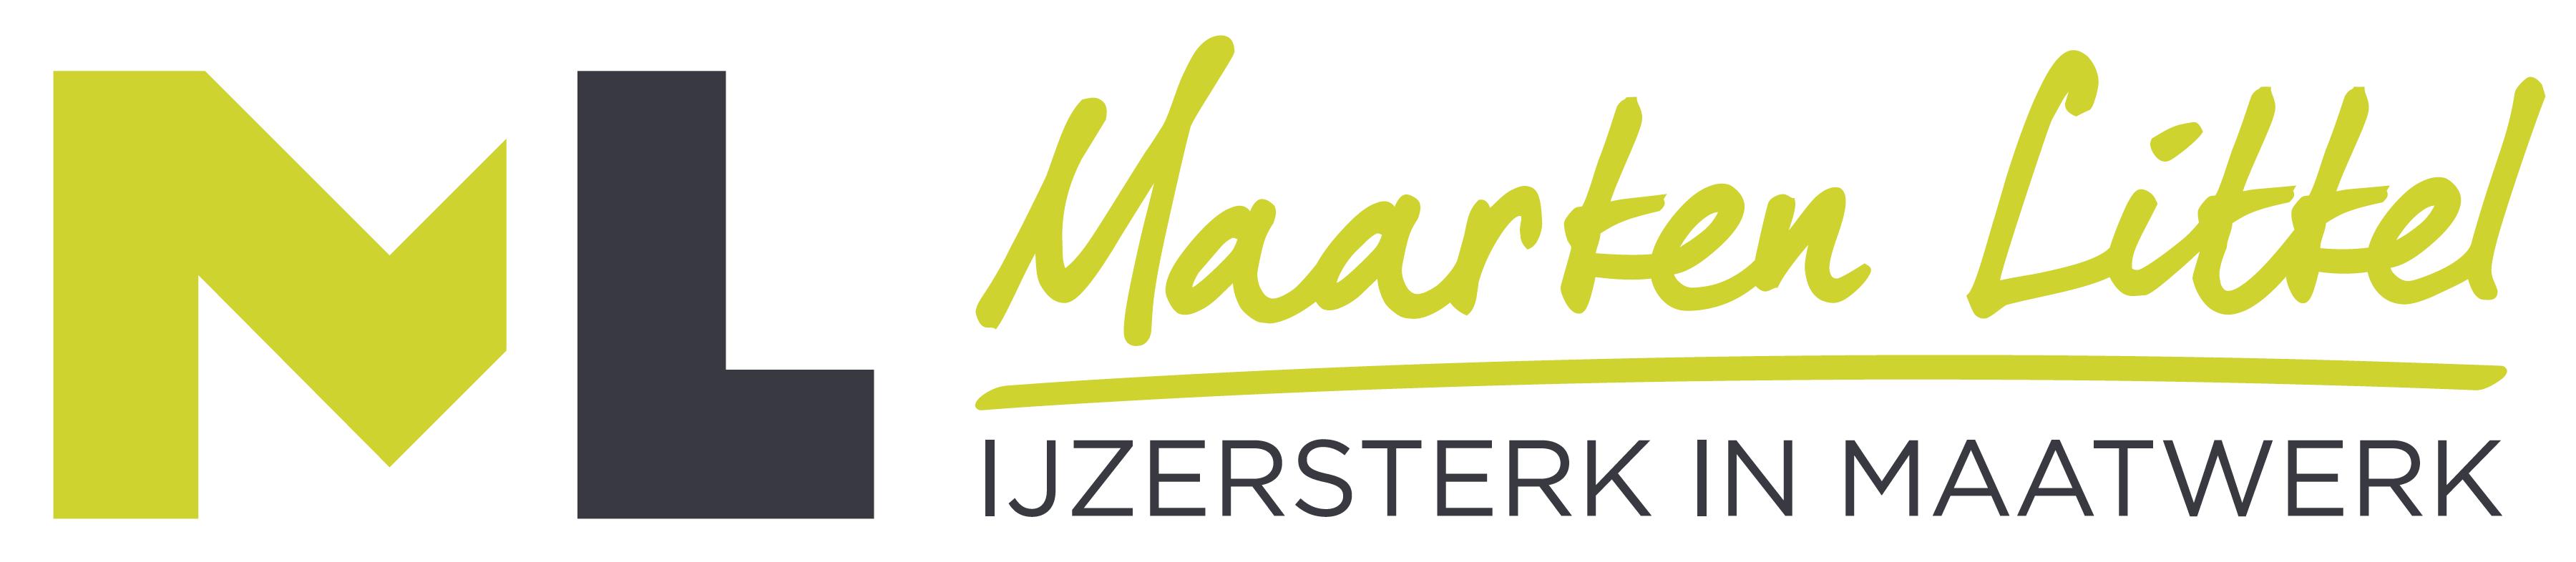 Maarten Littel